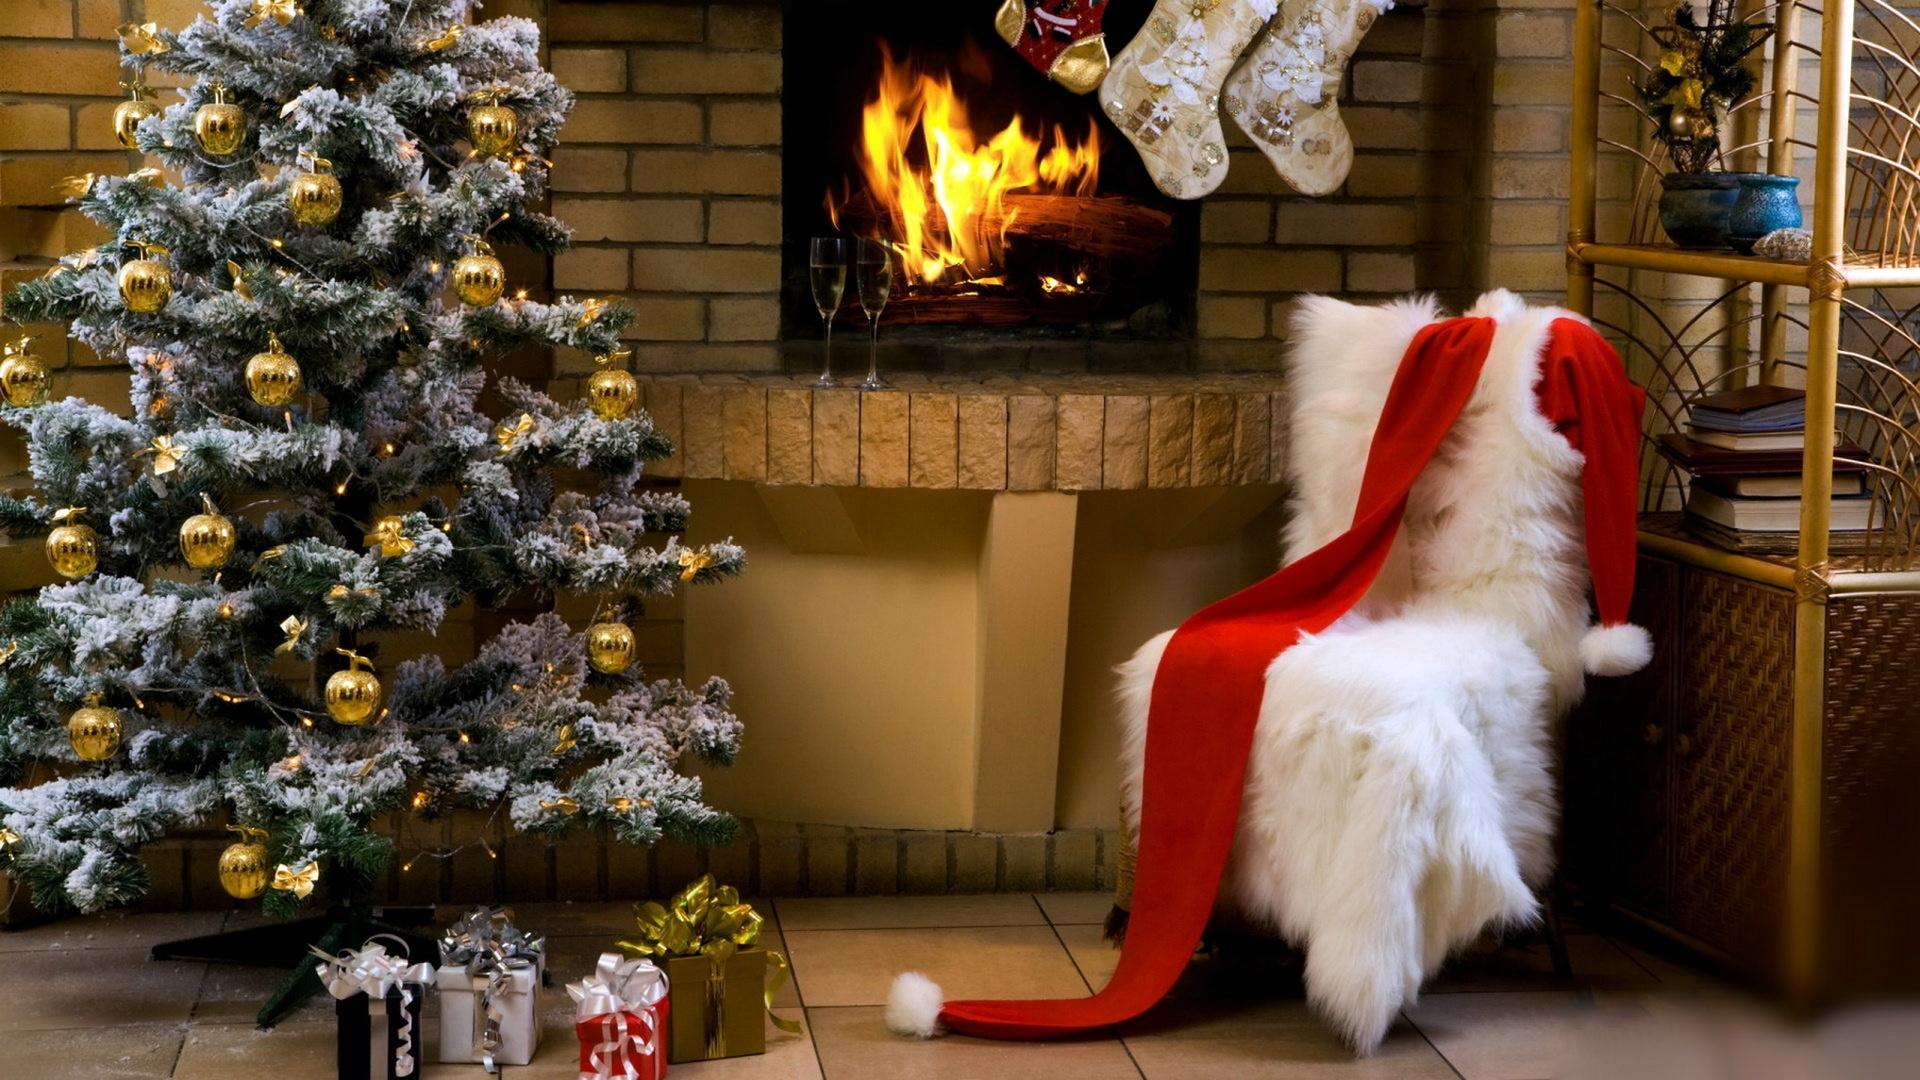 елка, санта клаус, наряд, интерьер, новый год